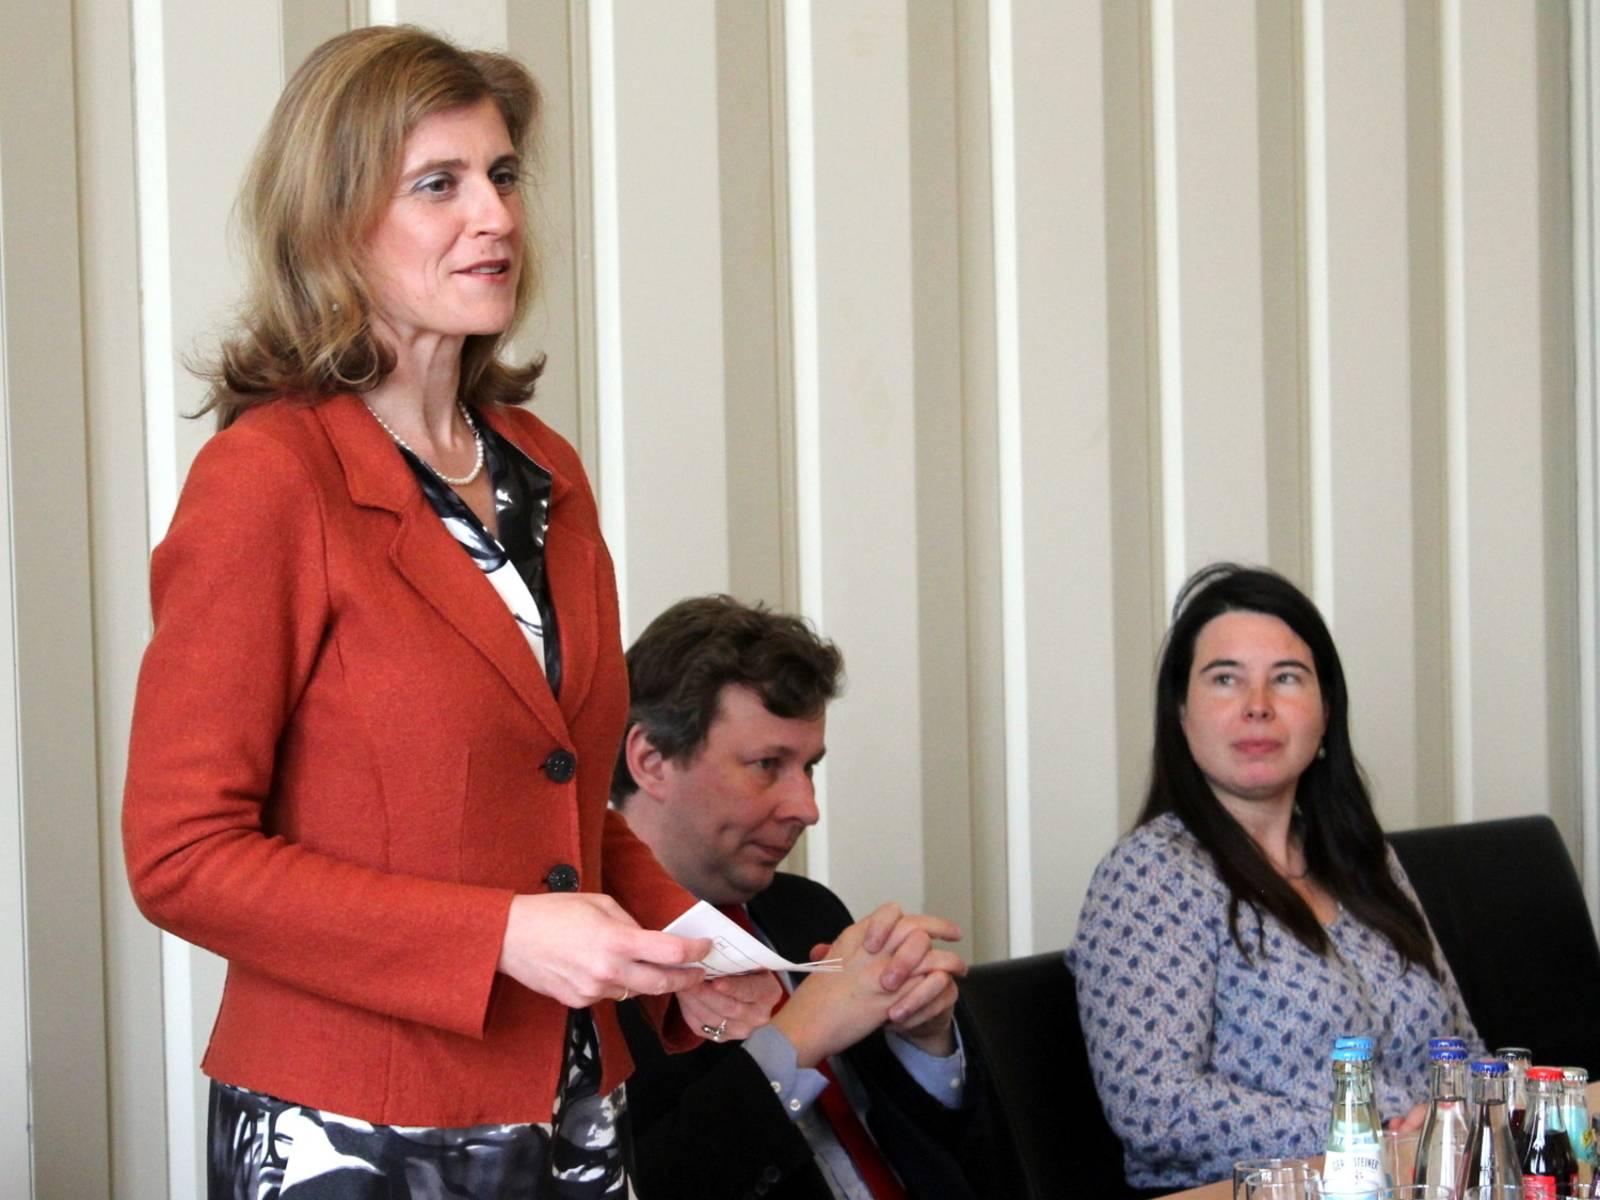 Eine Frau (links) steht hinter einem Tisch und spricht im Gobelinsaal. Rechts neben ihr sitzen ein Mann und eine Frau